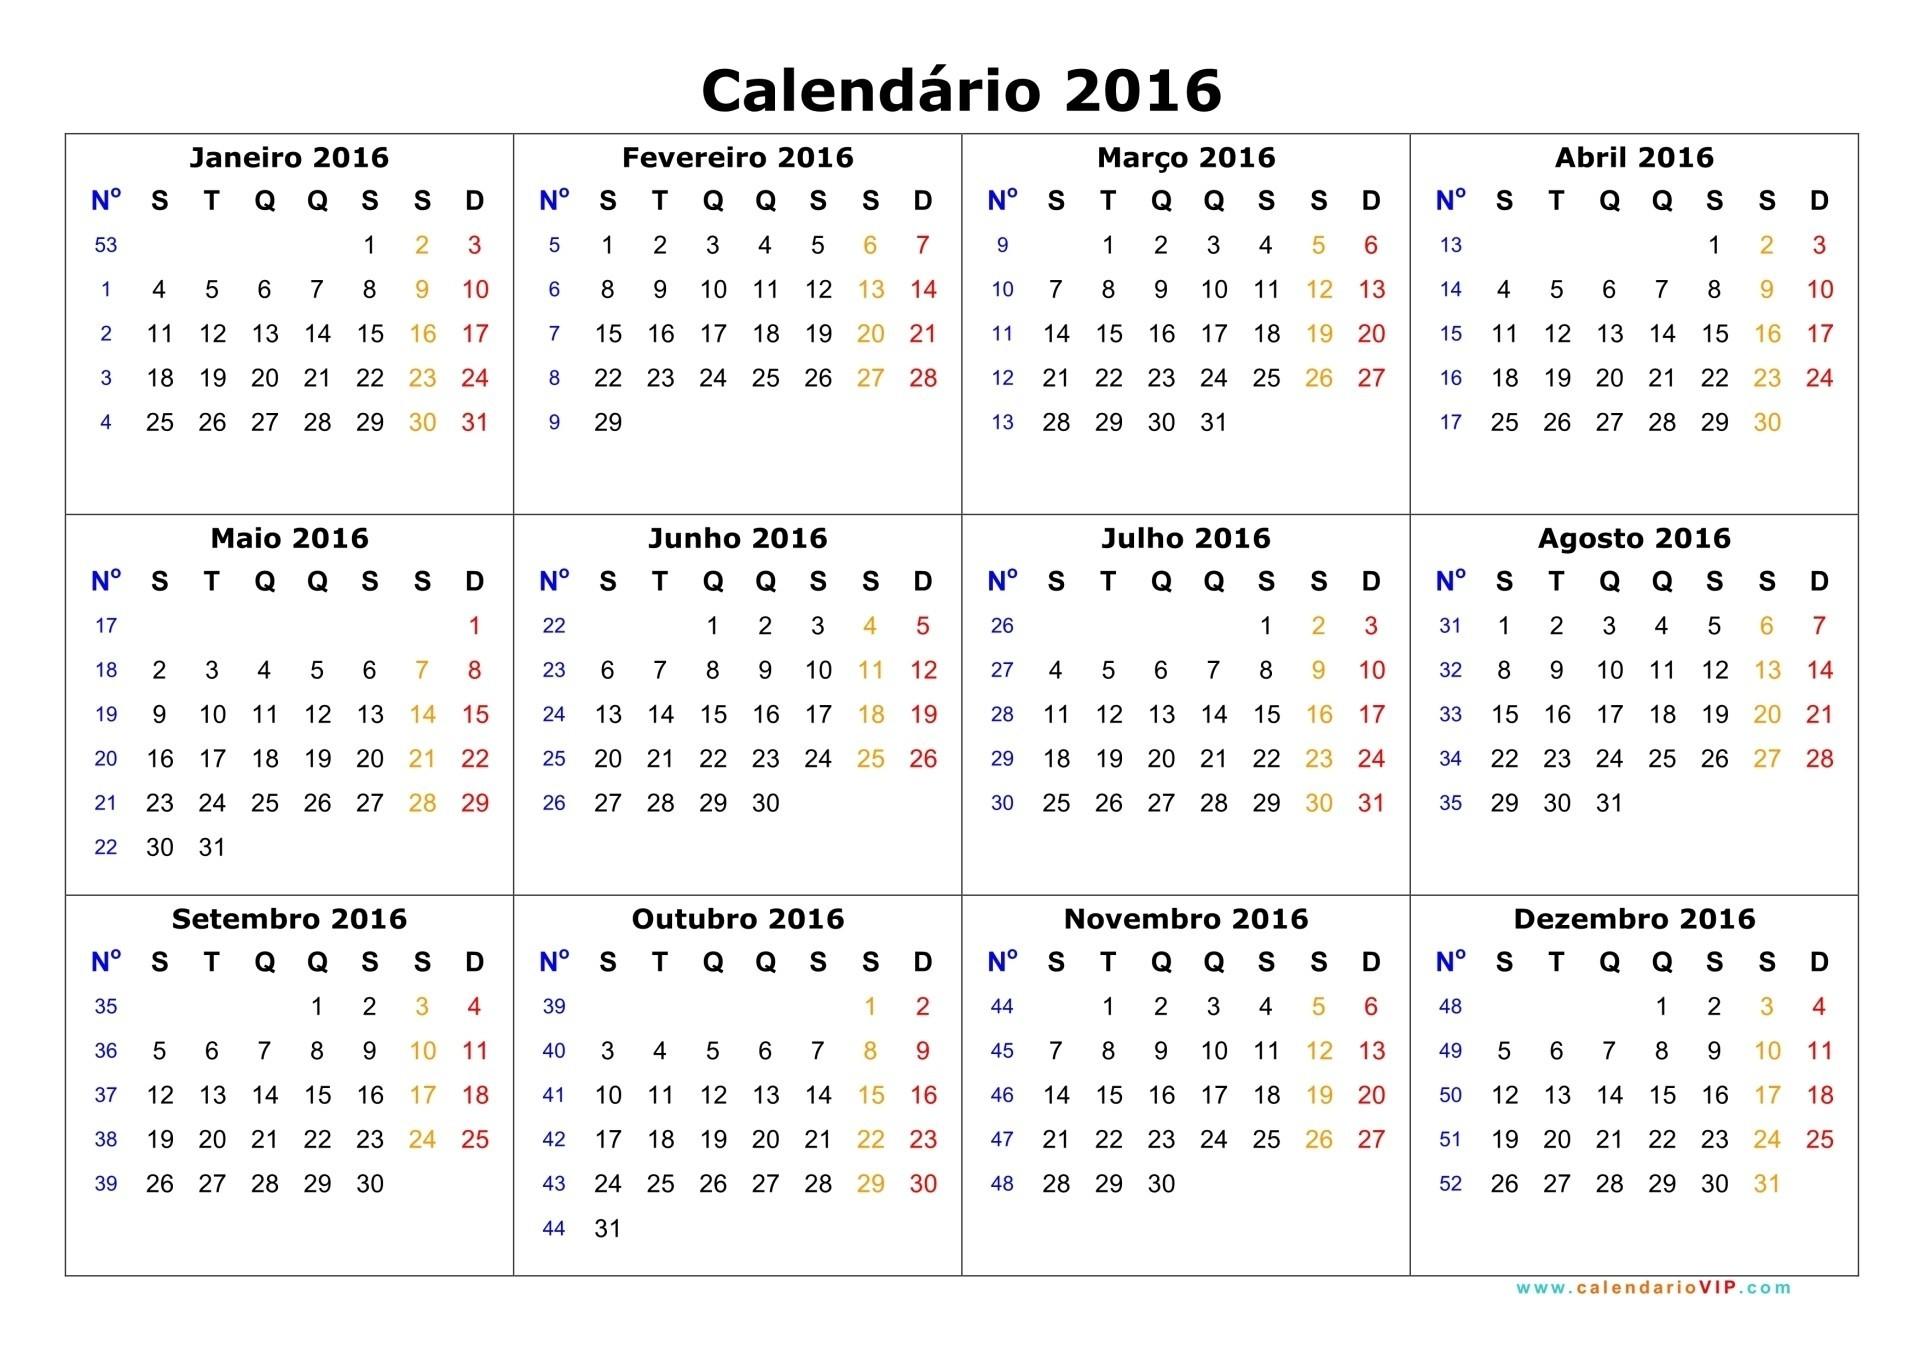 Calendario 2019 Argentina Imprimir Más Arriba-a-fecha Esto Es Exactamente Calendario Imprimir 2019 Excel